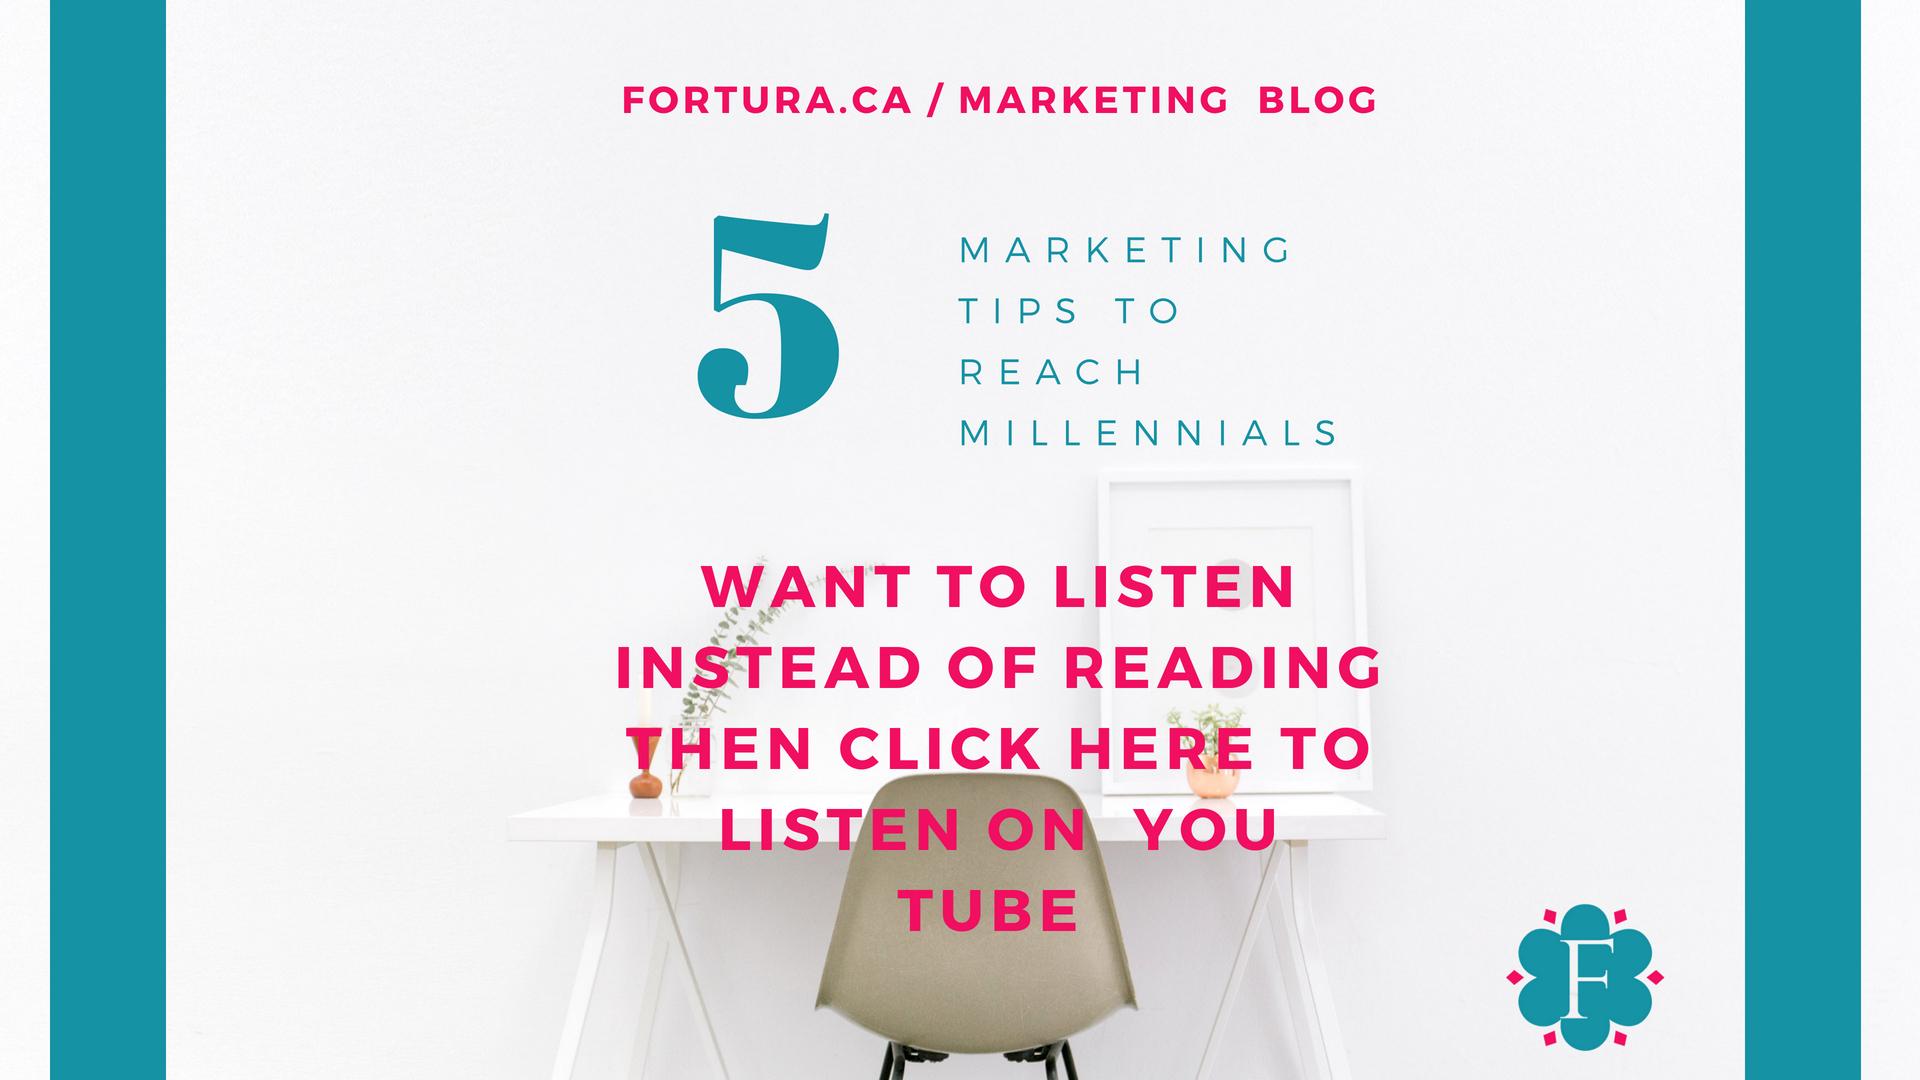 5 Marketing Tips To Reach Millennials Strengthen Your